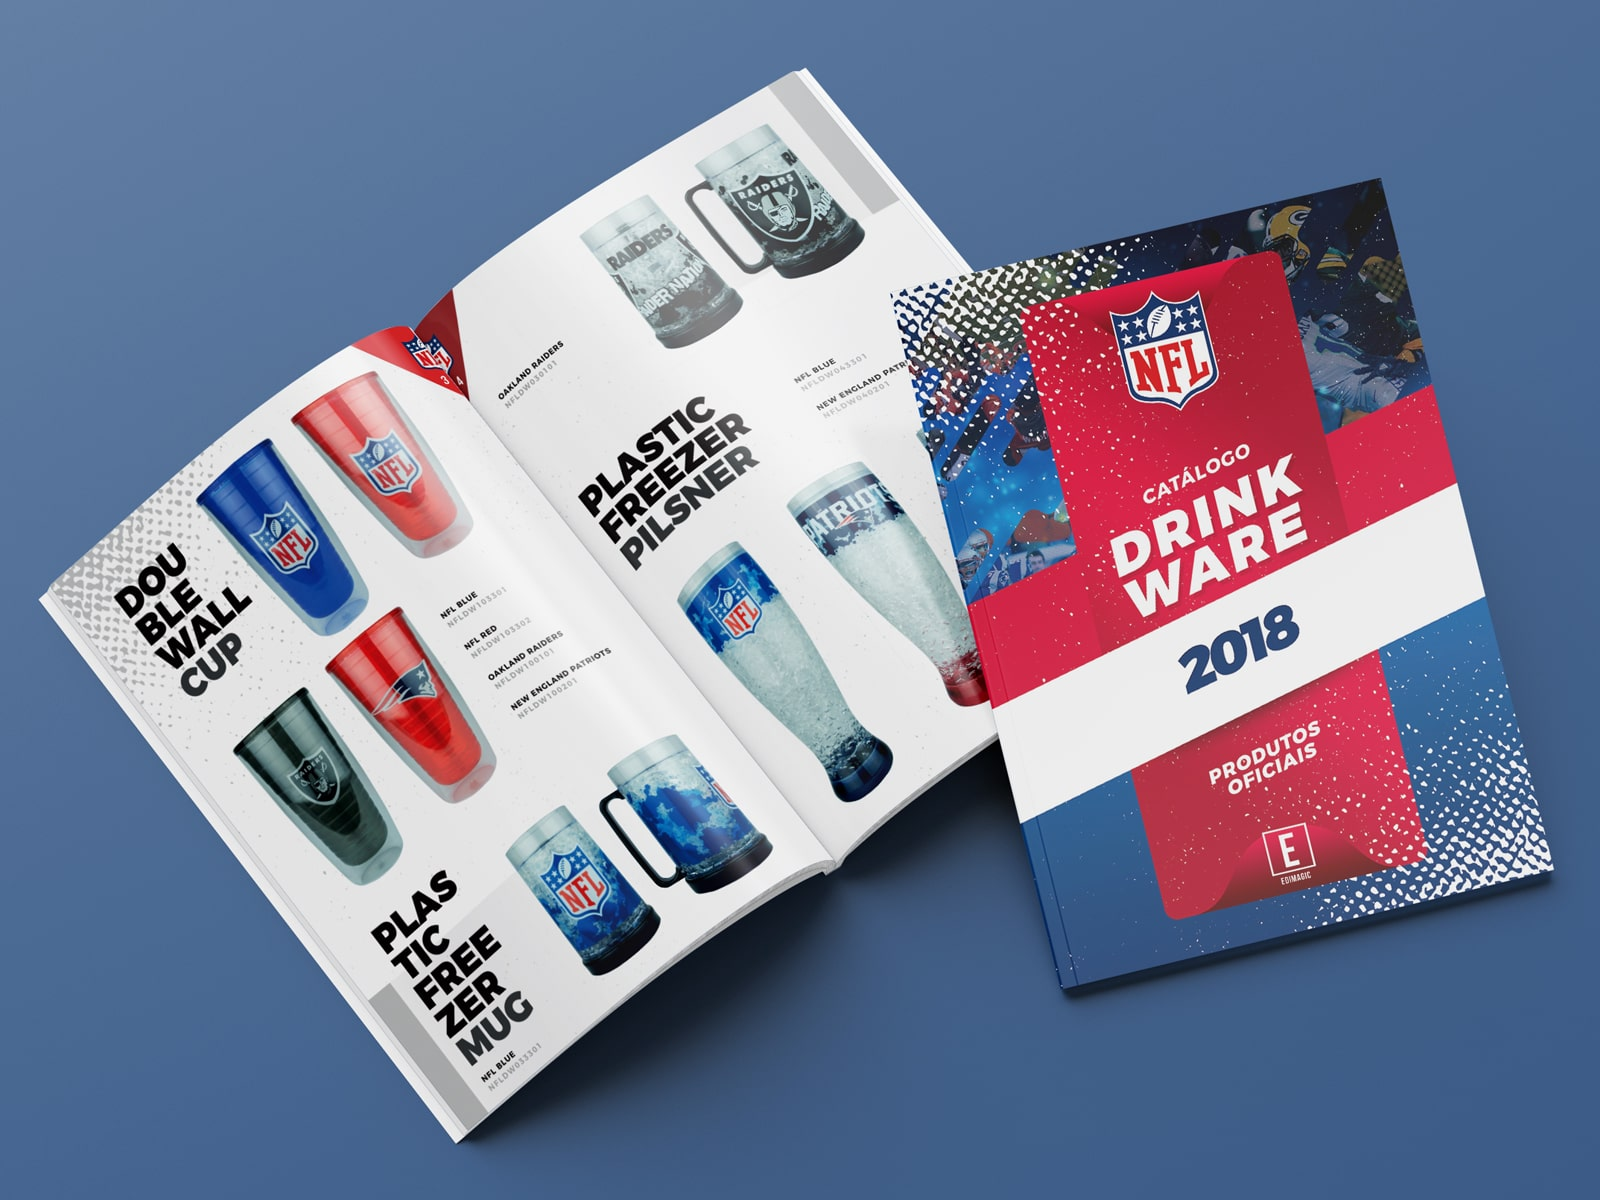 Catálogo NFL Drink Ware